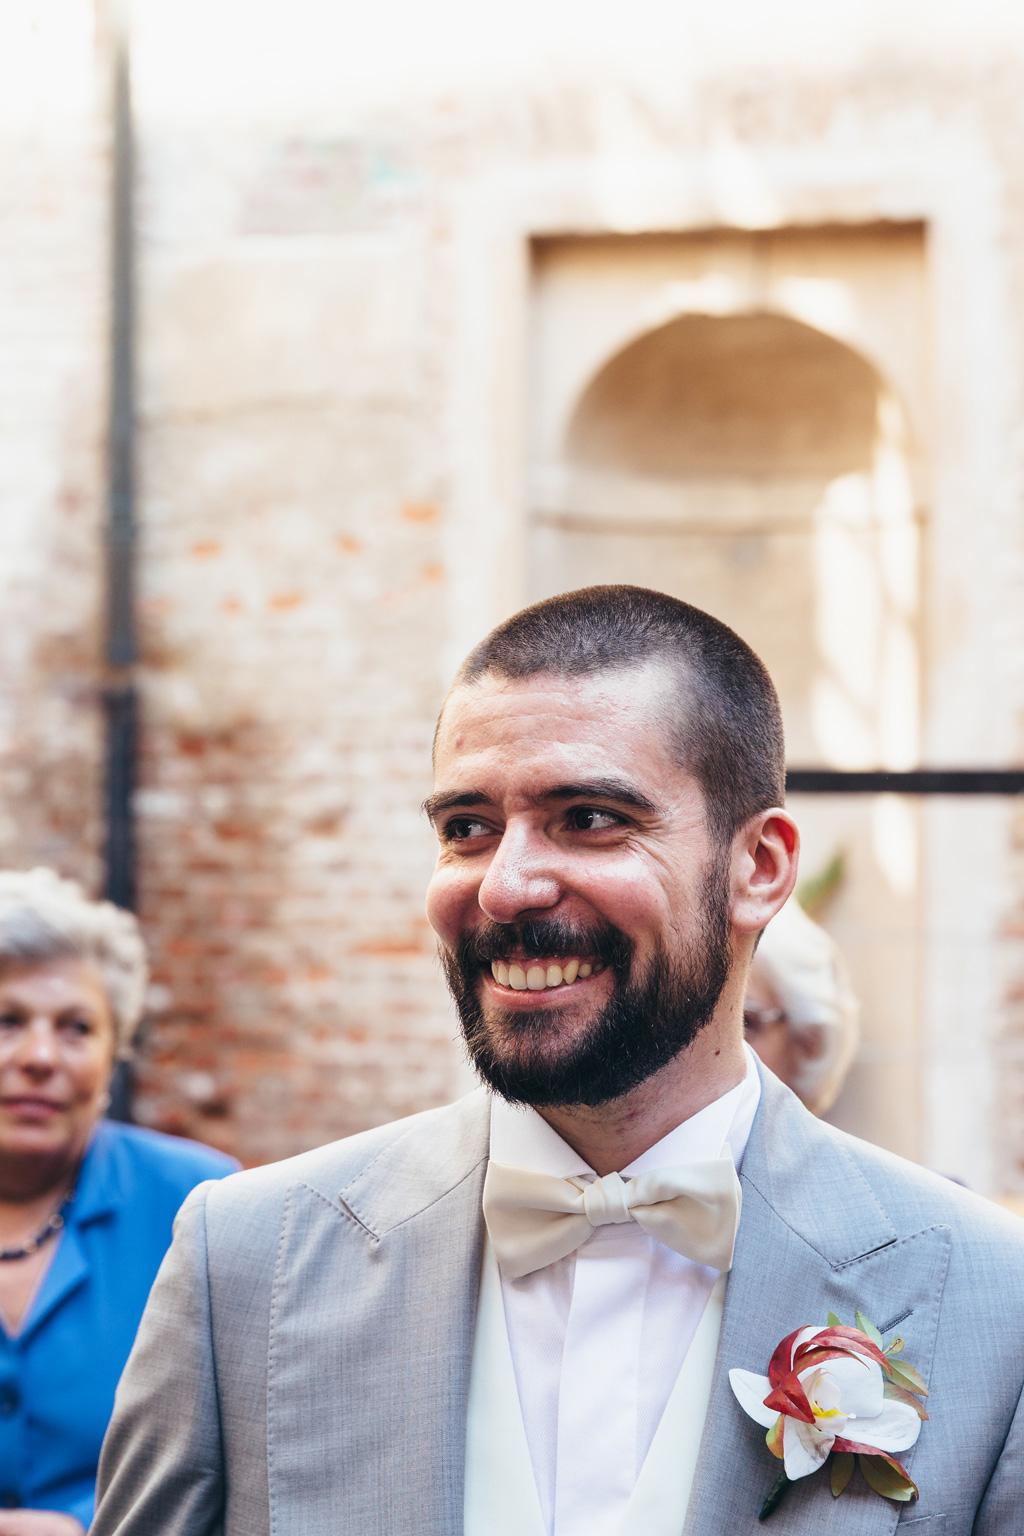 Lo sposo ha un sorriso smagliante dopo la conclusione della cerimonia